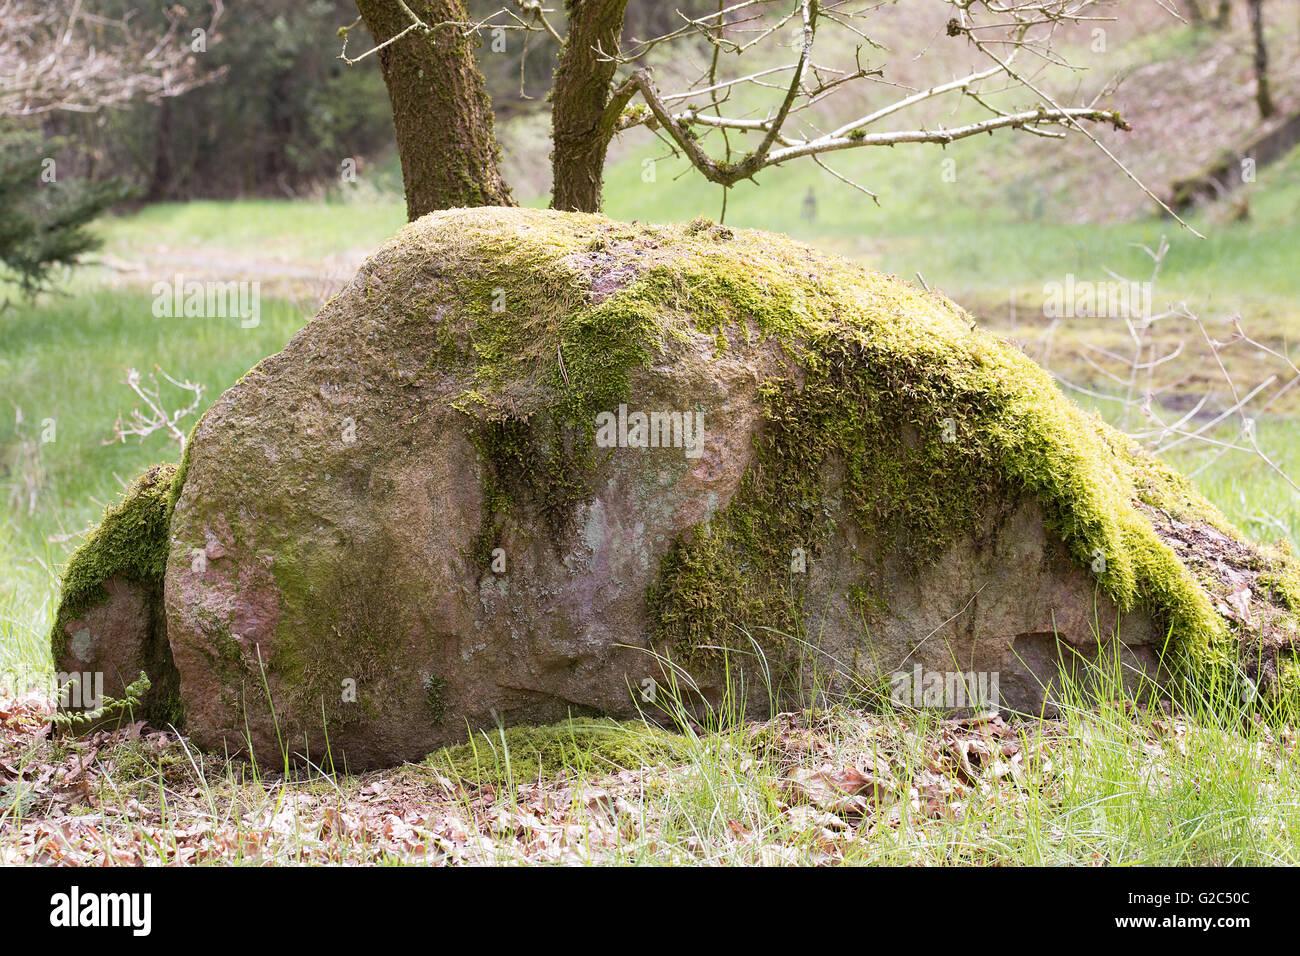 Großer Stein Moos bewachsen mit einem Waldrand una piedra grande cubierto de musgo de un borde de bosque Foto de stock